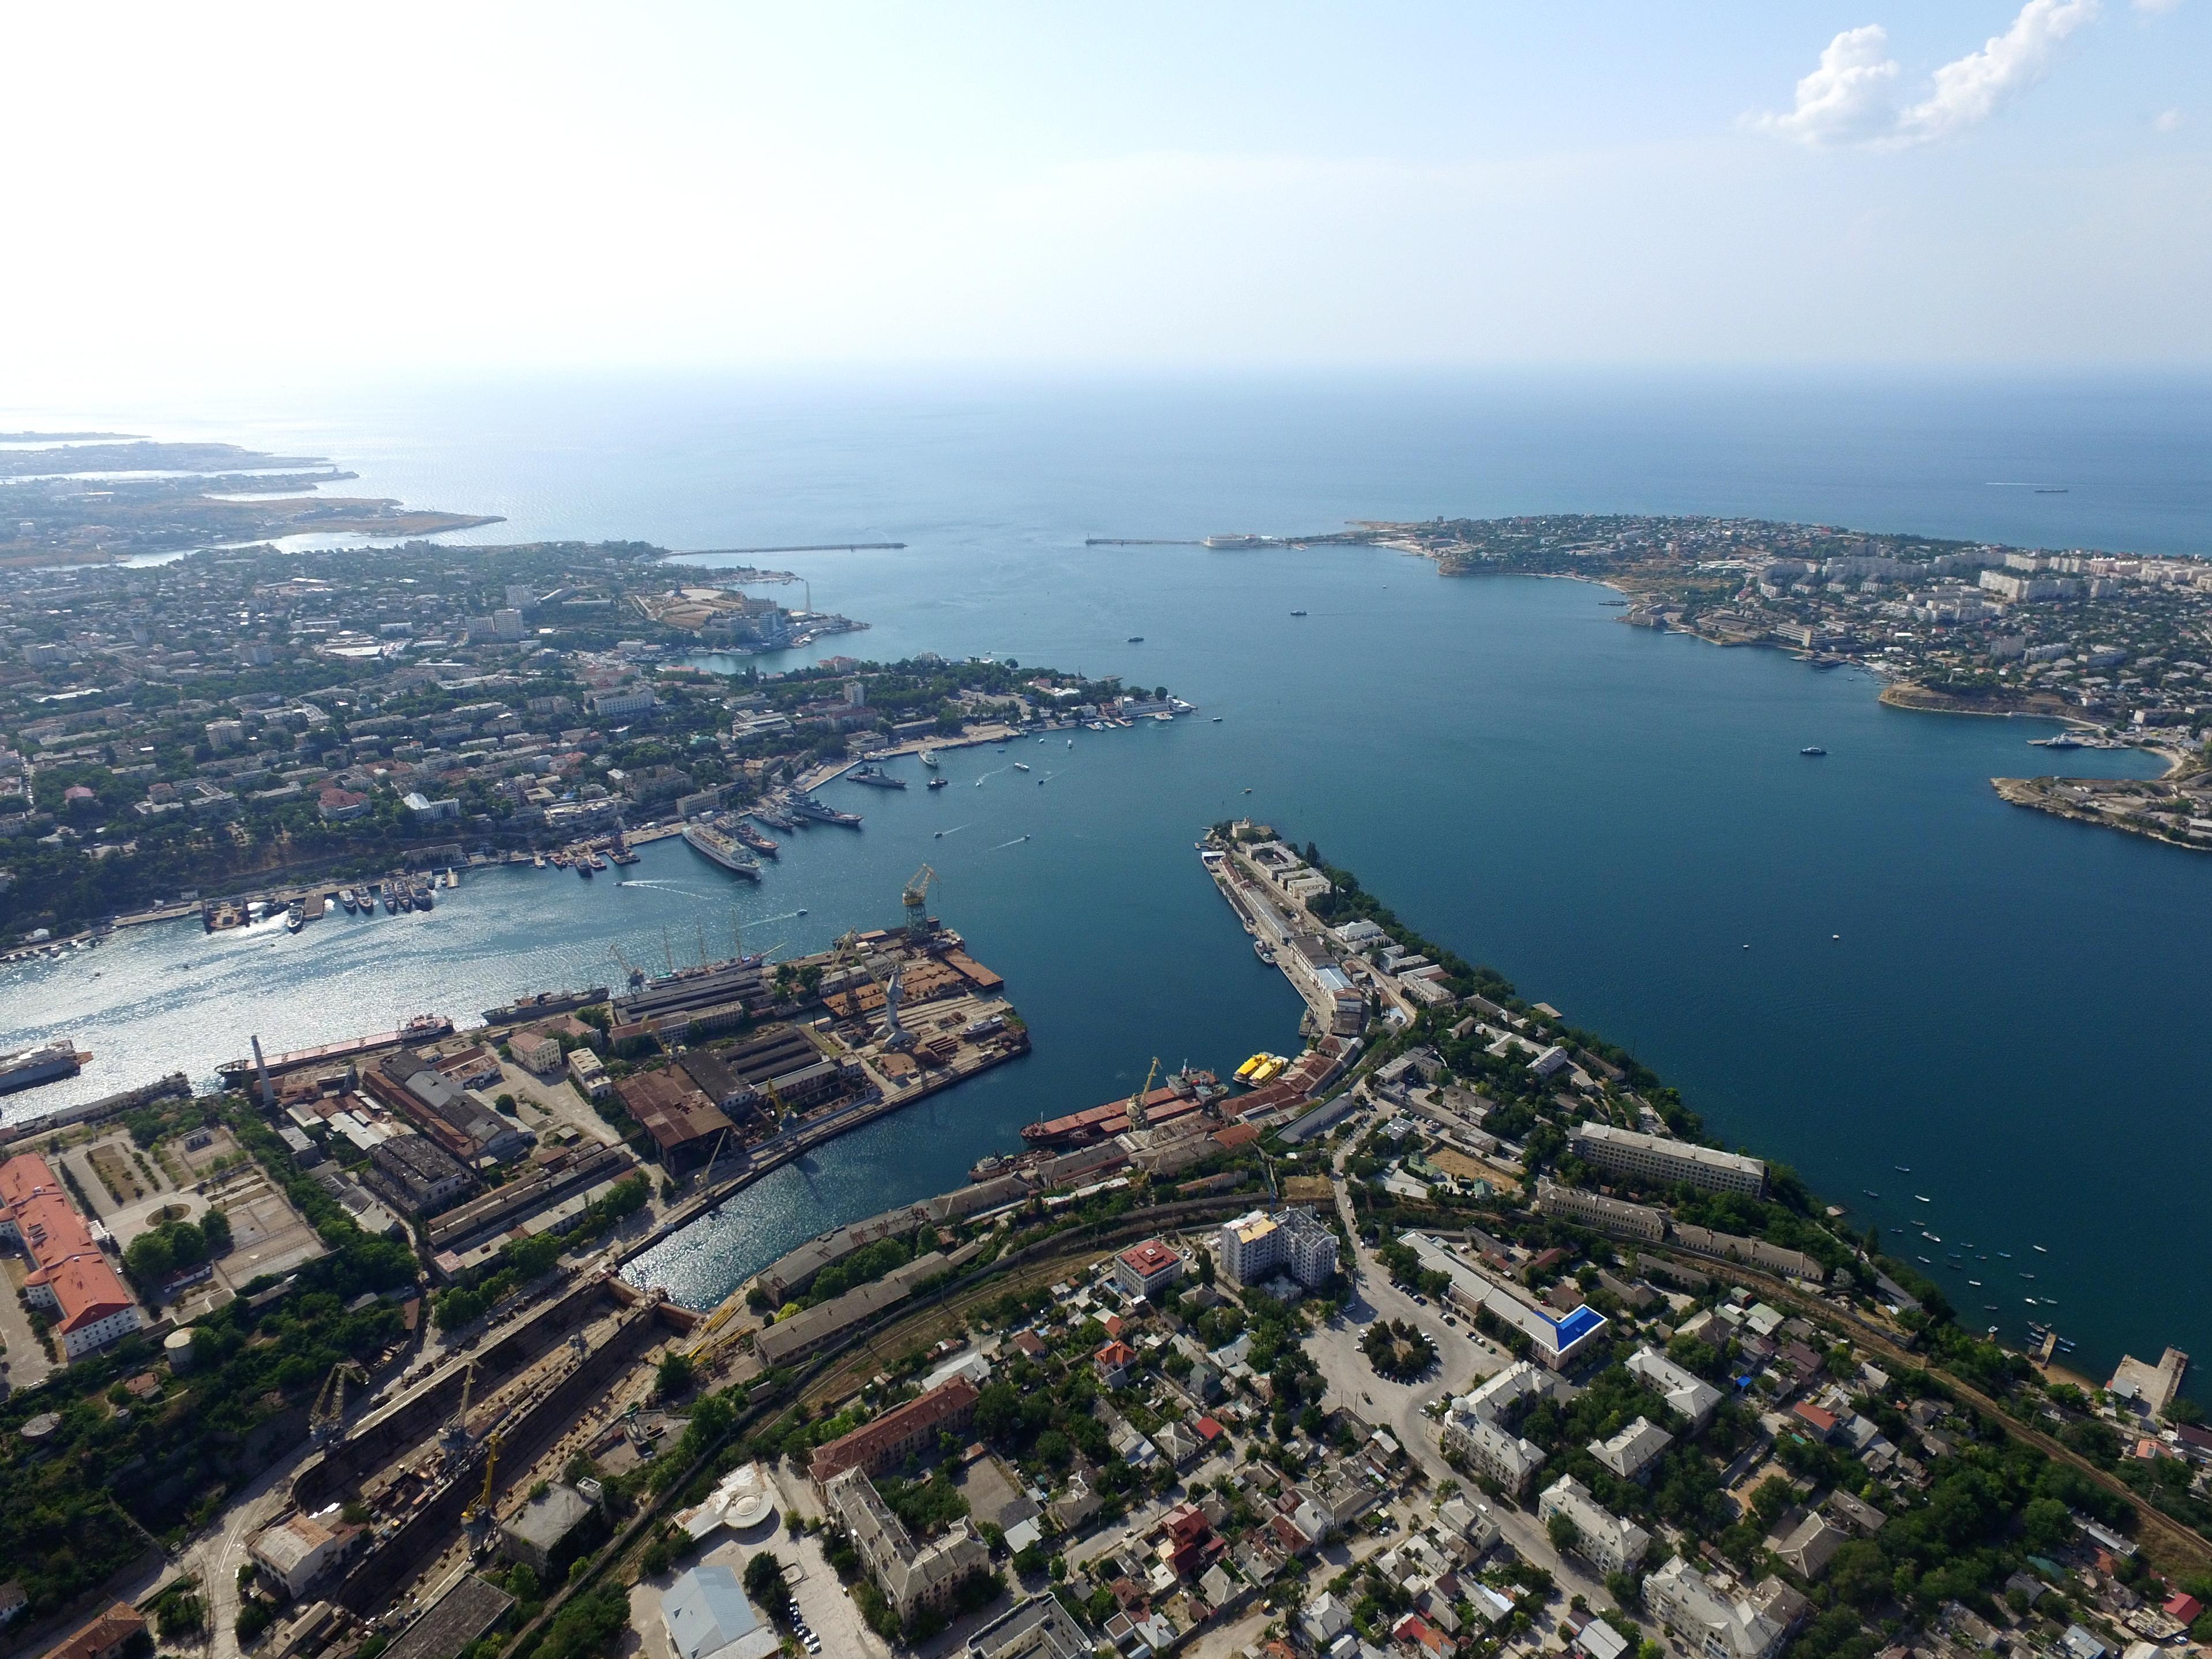 Севастопольская бухта с высоты птичьего полета